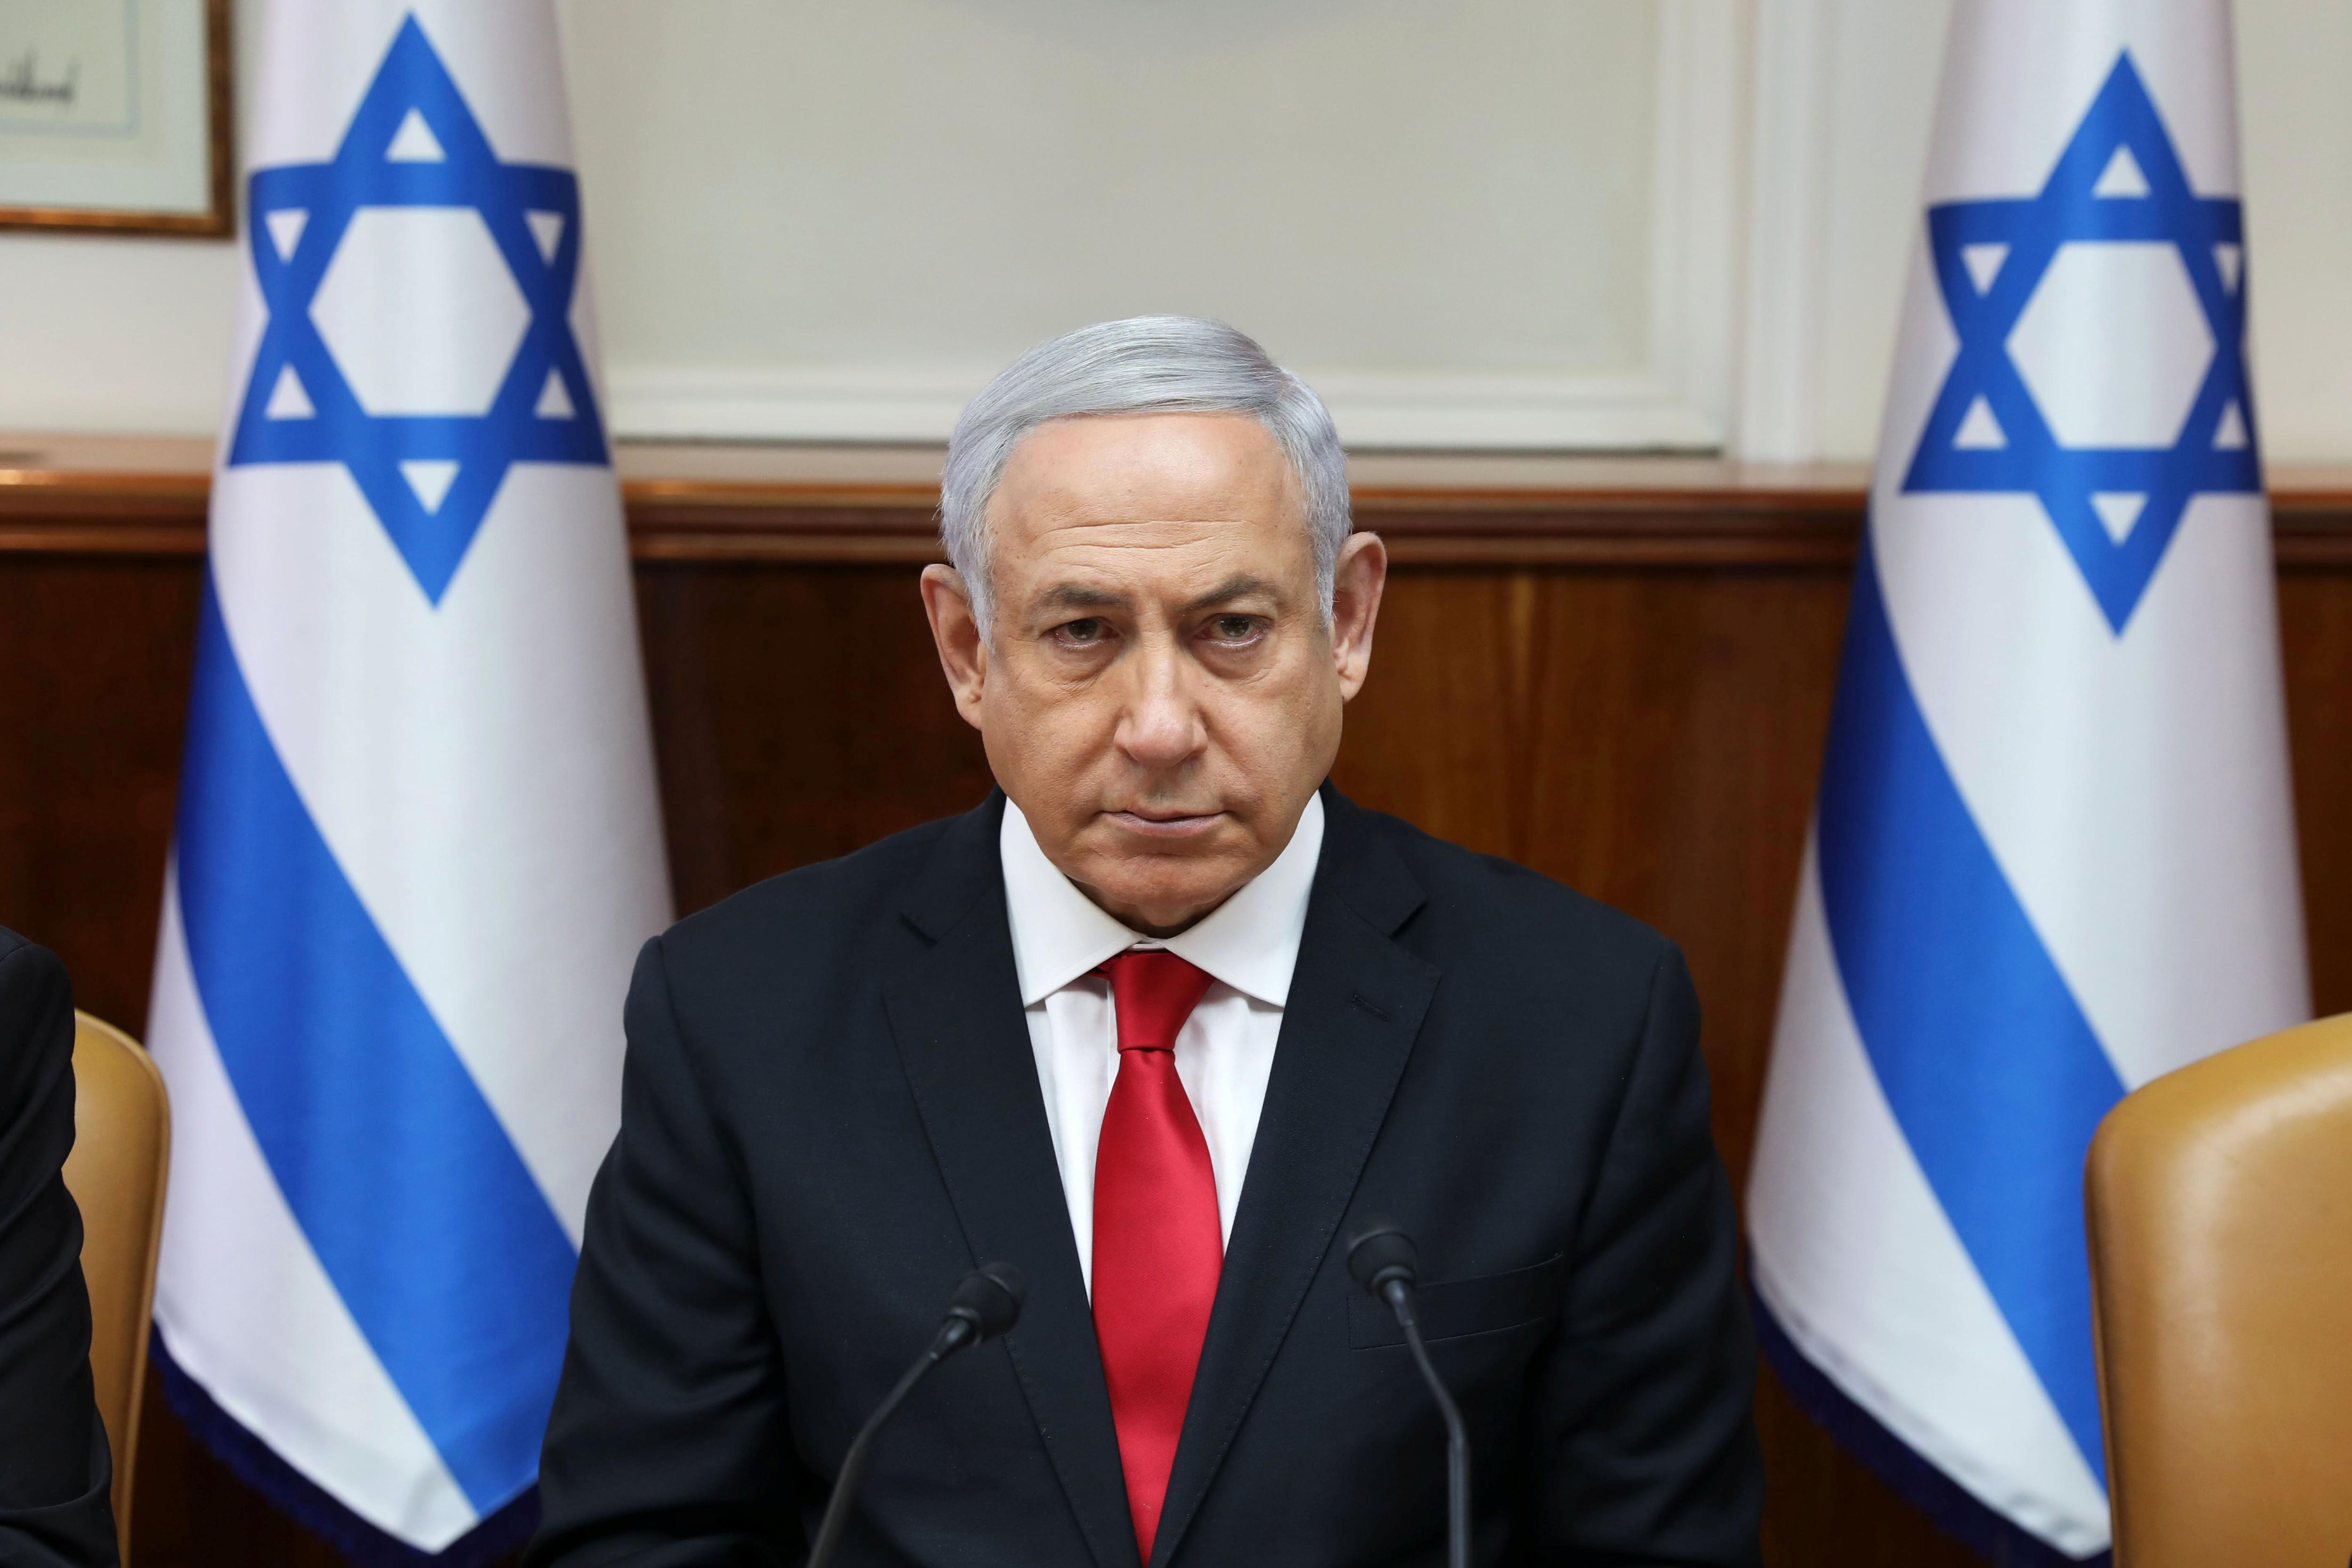 El primer ministro israelí Benjamin Netanyahu aseguró que su país seguirá respondiendo con firmeza a los ataques provenientes de Siria (Abir Sultan/Pool via REUTERS)